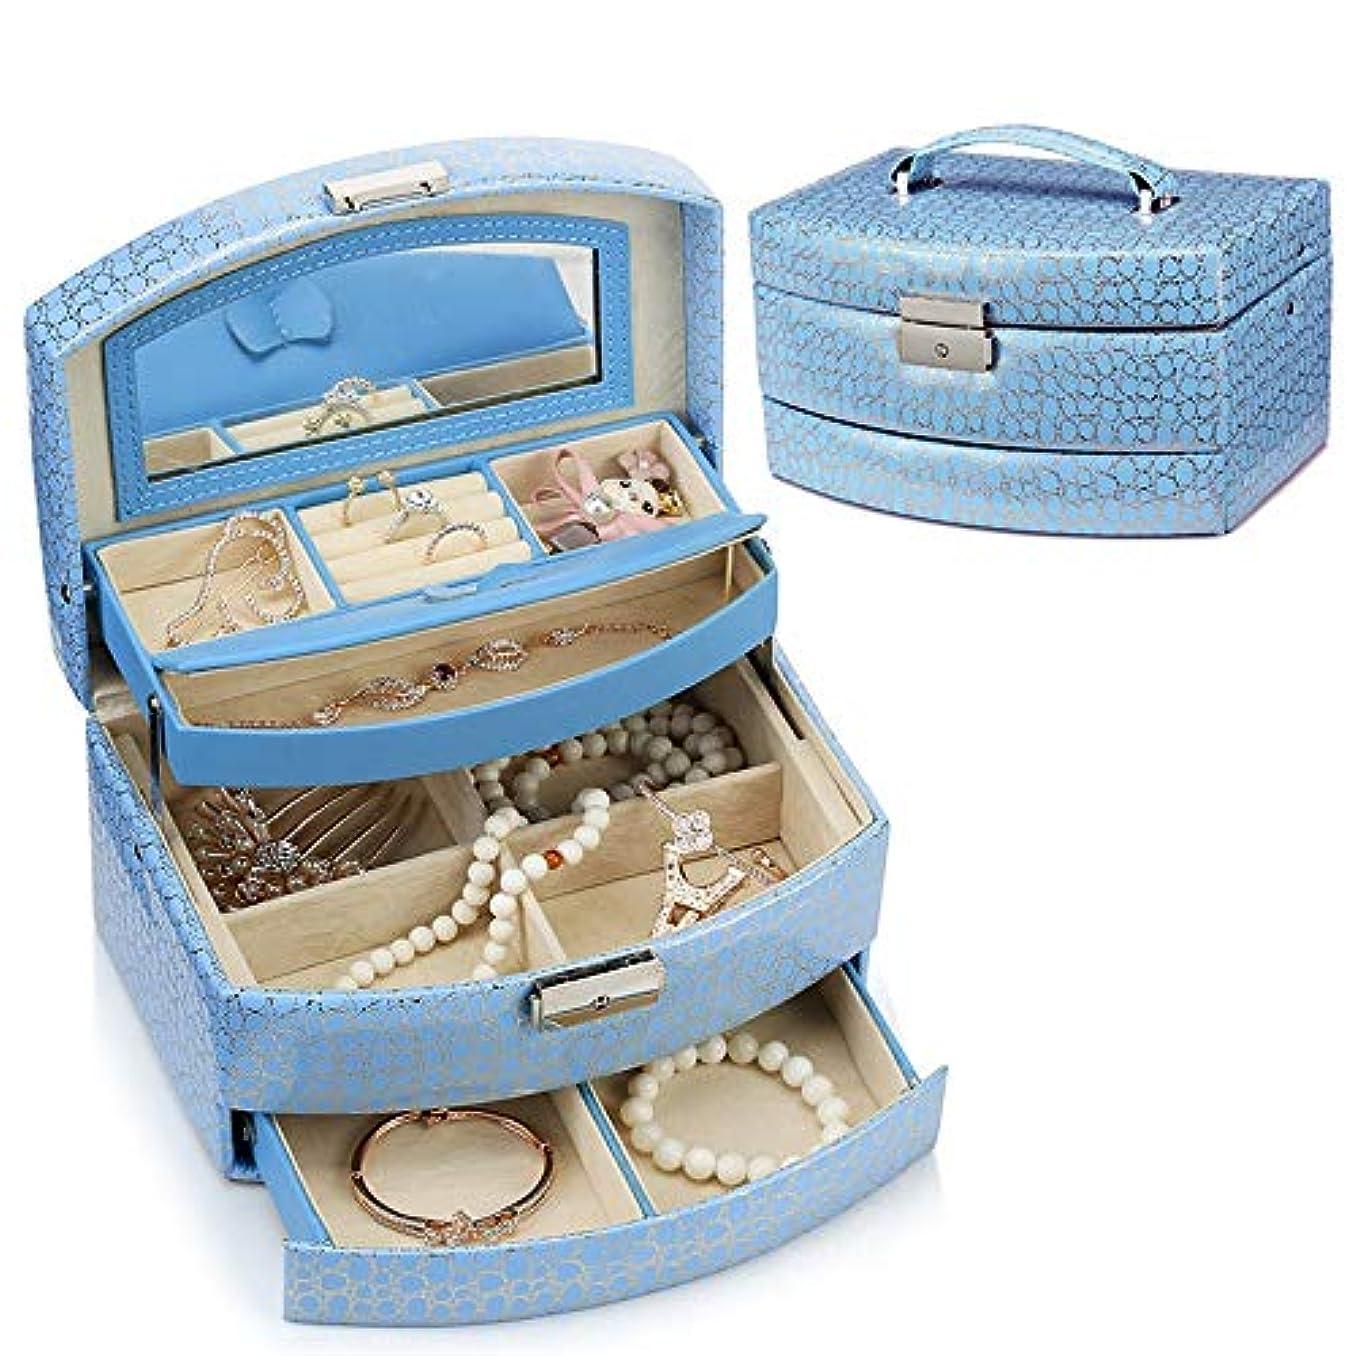 取得先住民多分化粧オーガナイザーバッグ 多層の引き出し女性の宝石の収納箱小物のストレージのための 化粧品ケース (色 : 青)